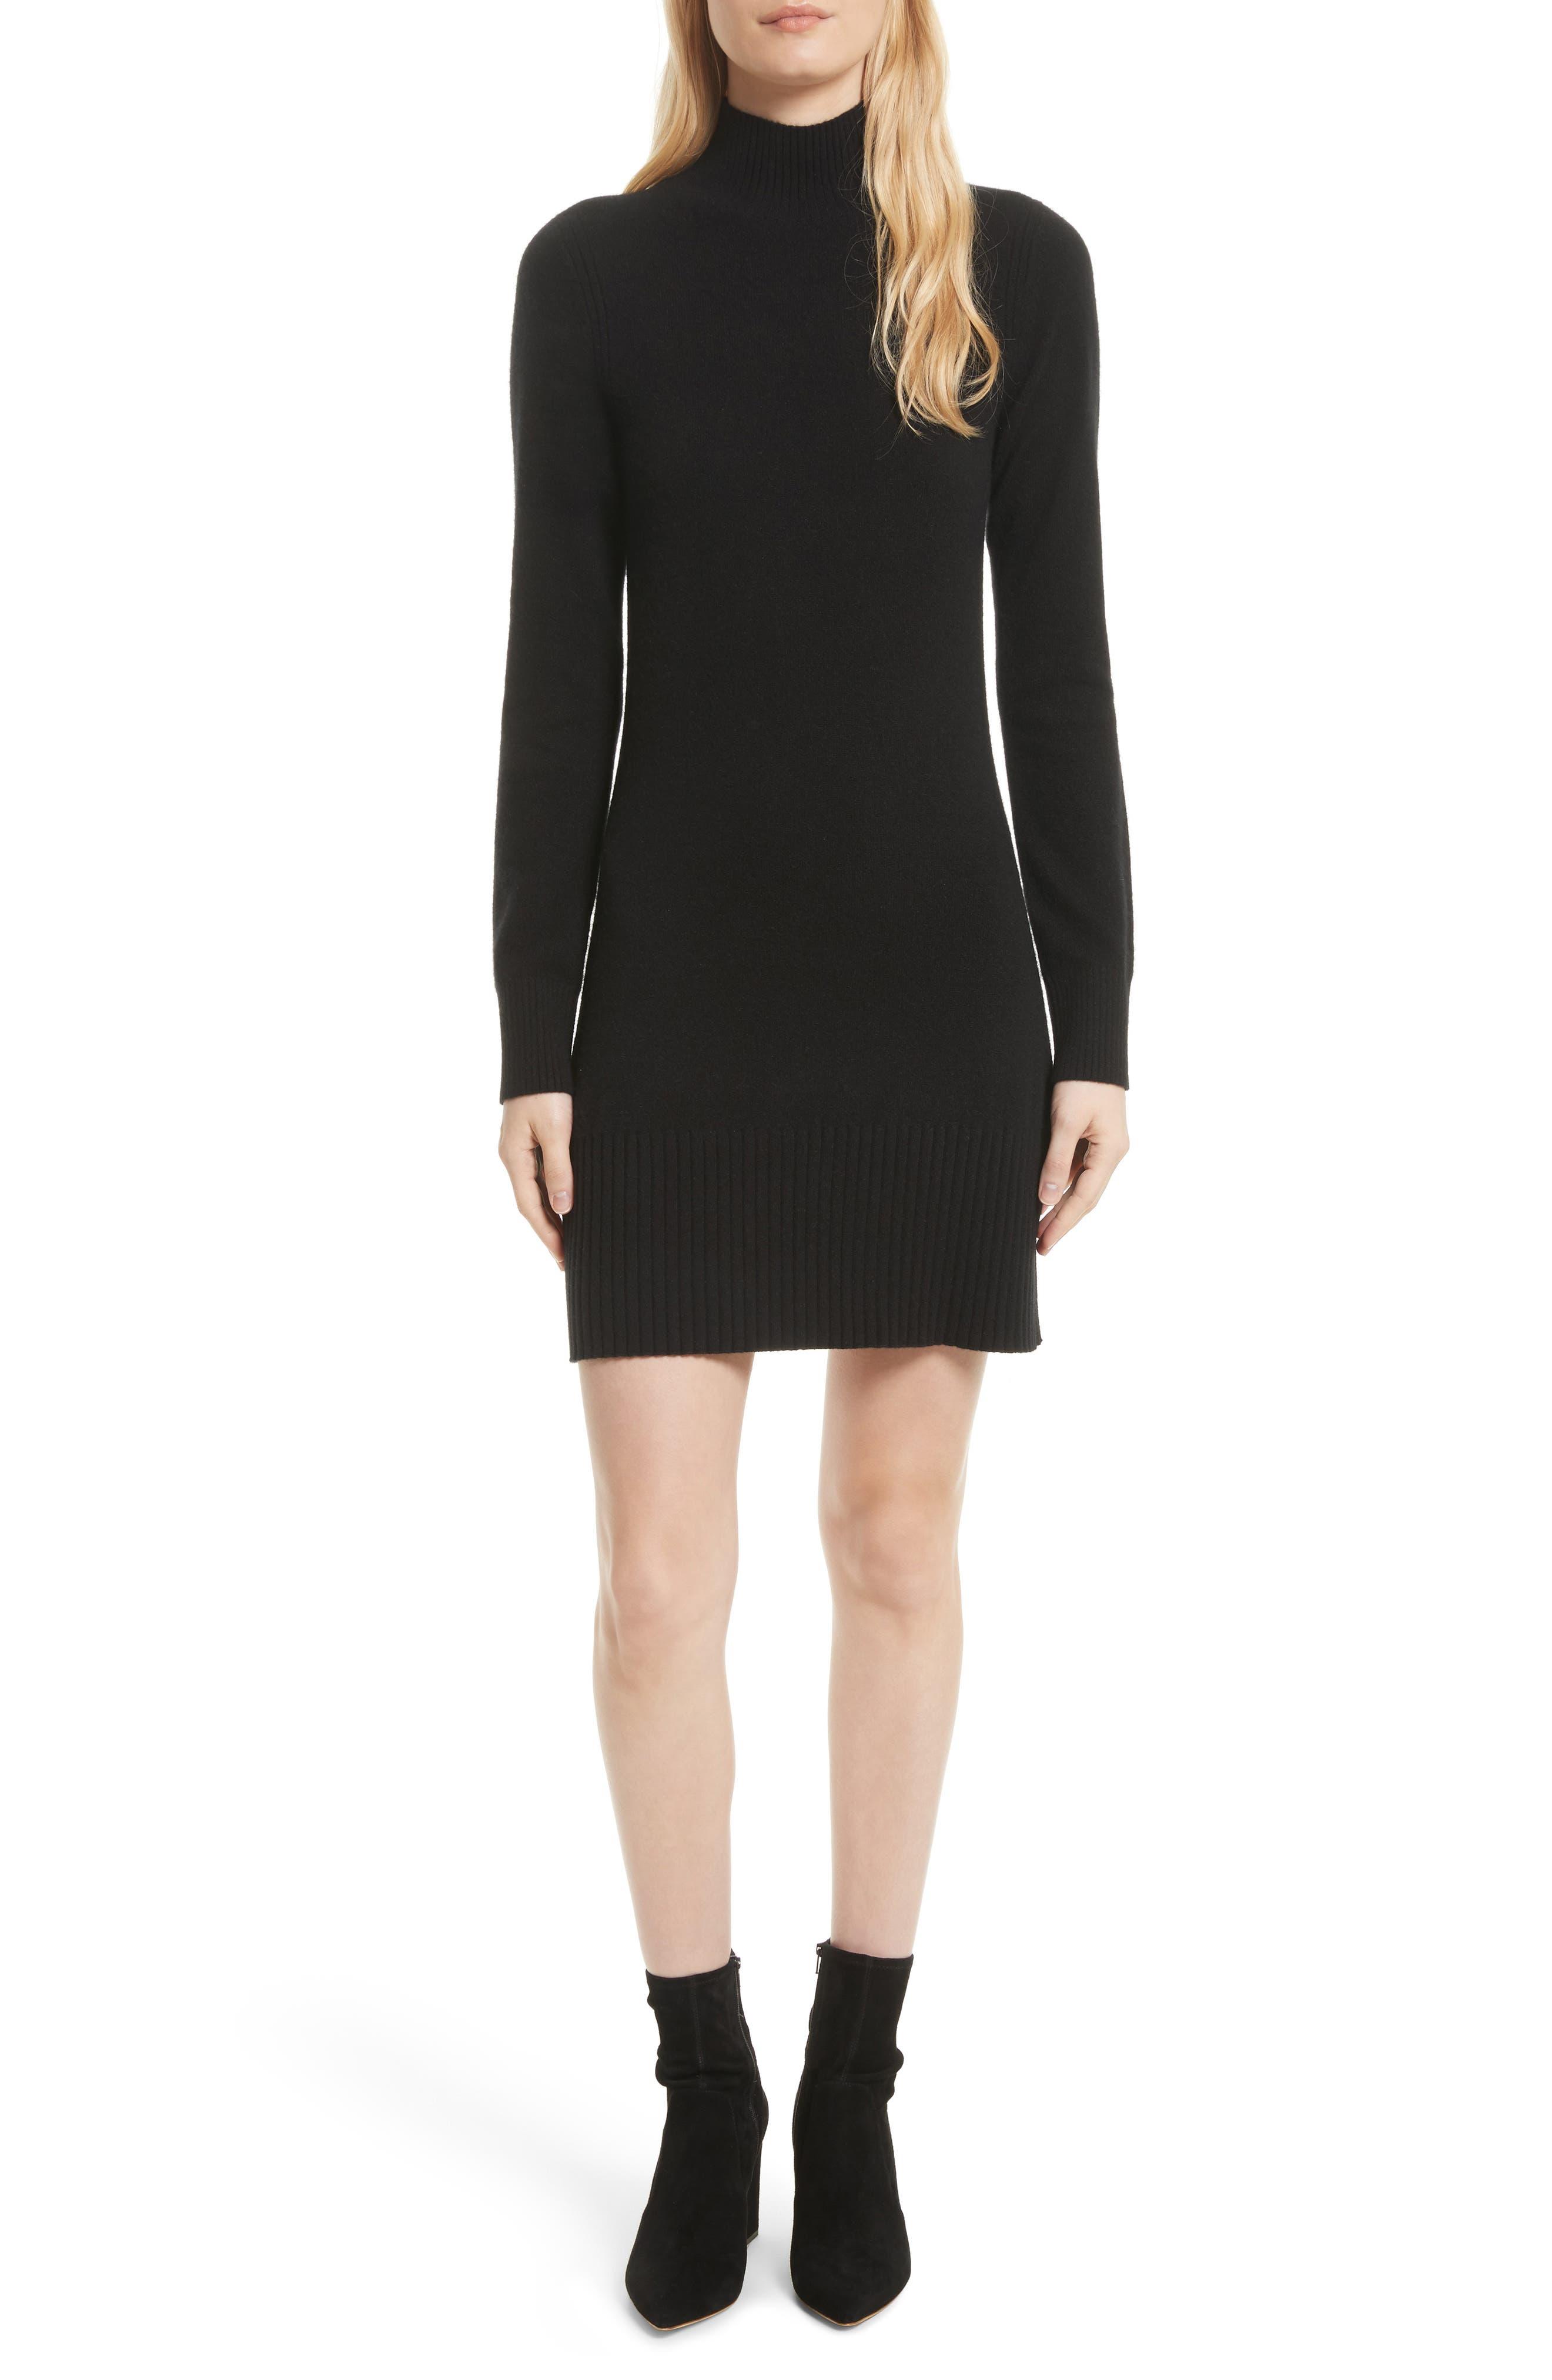 Alternate Image 1 Selected - FRAME Turtleneck Cashmere Sweater Dress